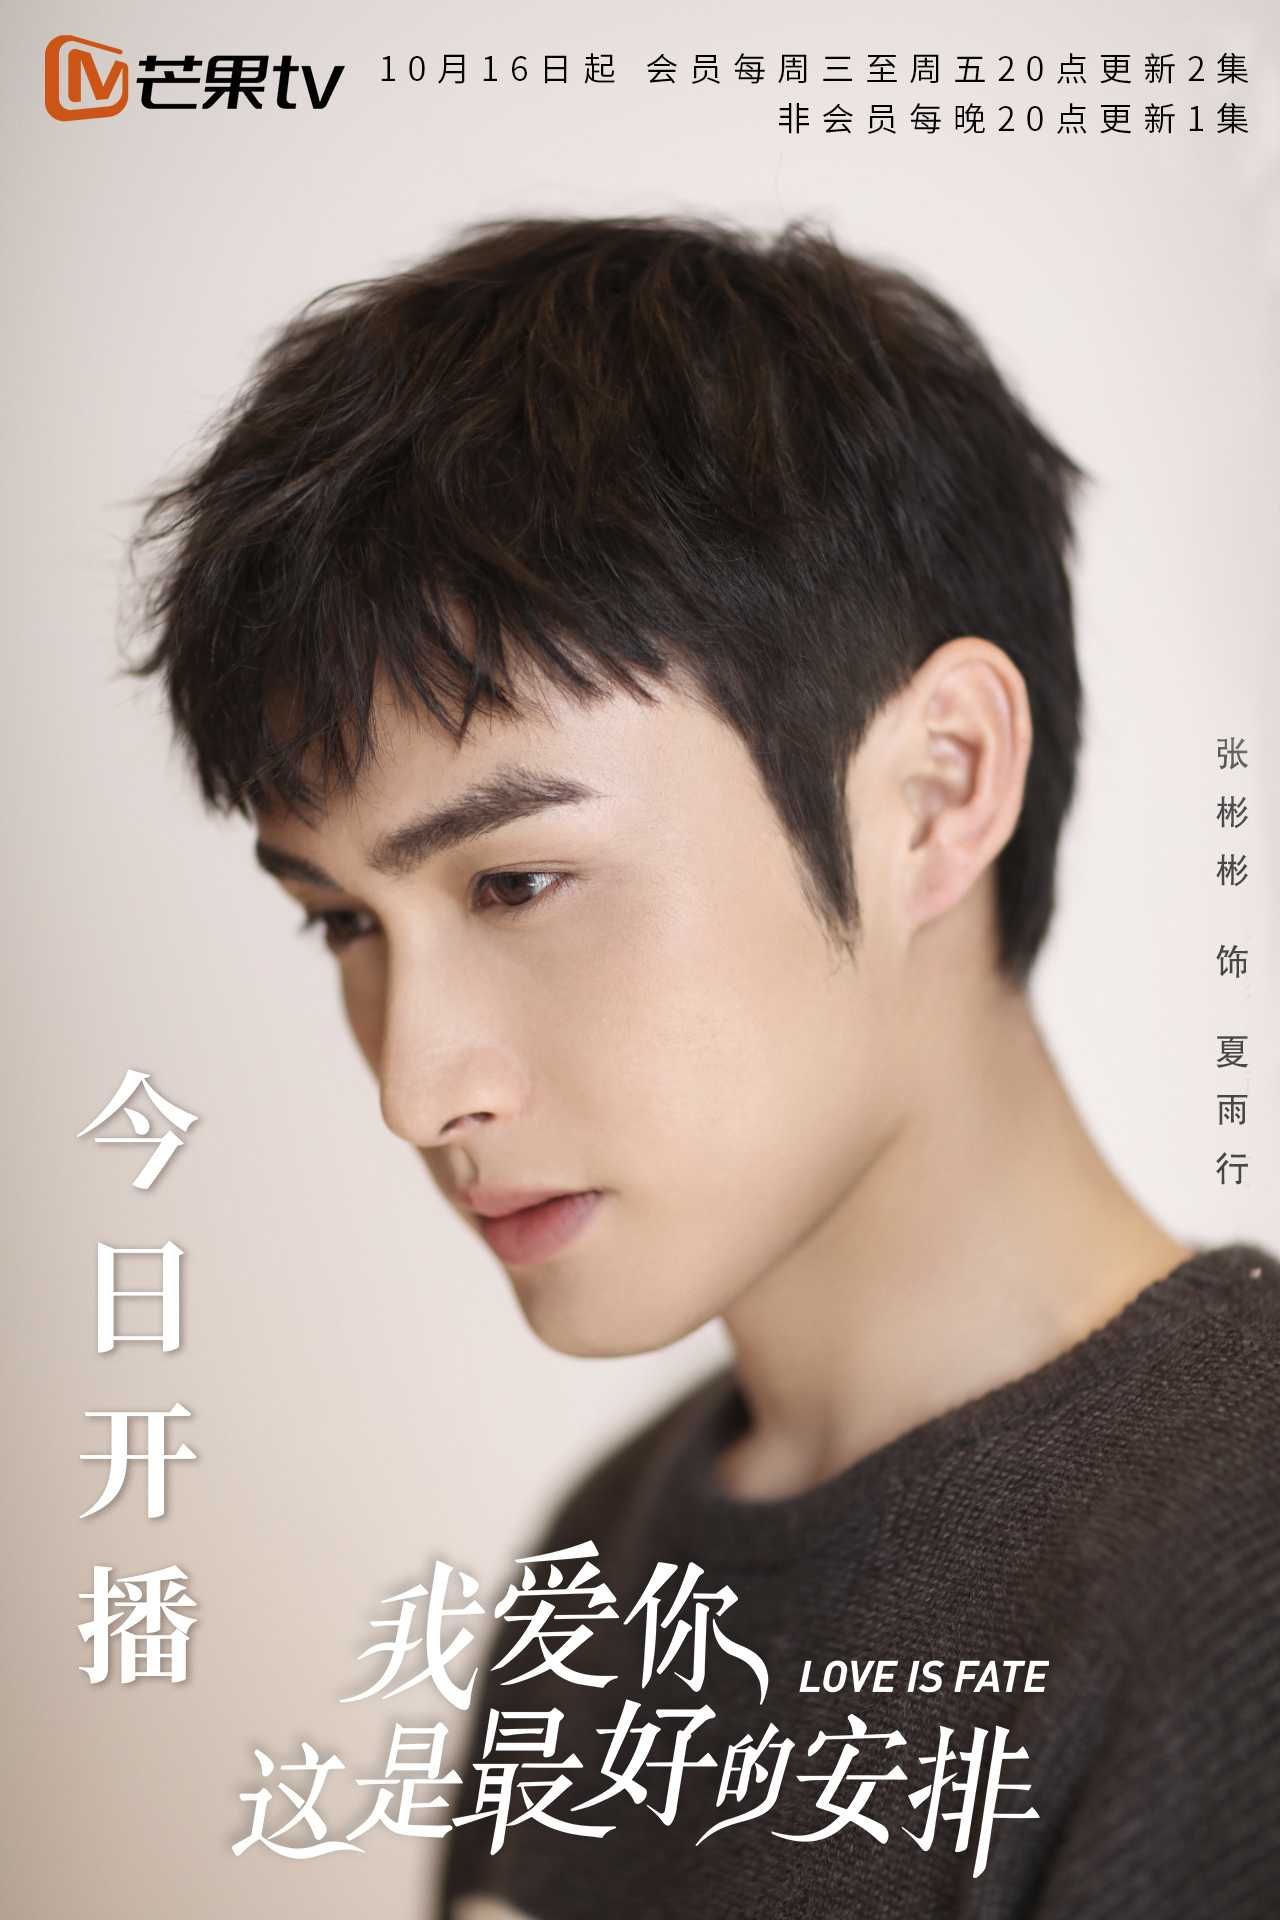 张彬彬和郑合惠子的新剧 恭喜王志飞老师获得金鸡最佳男配-3楼